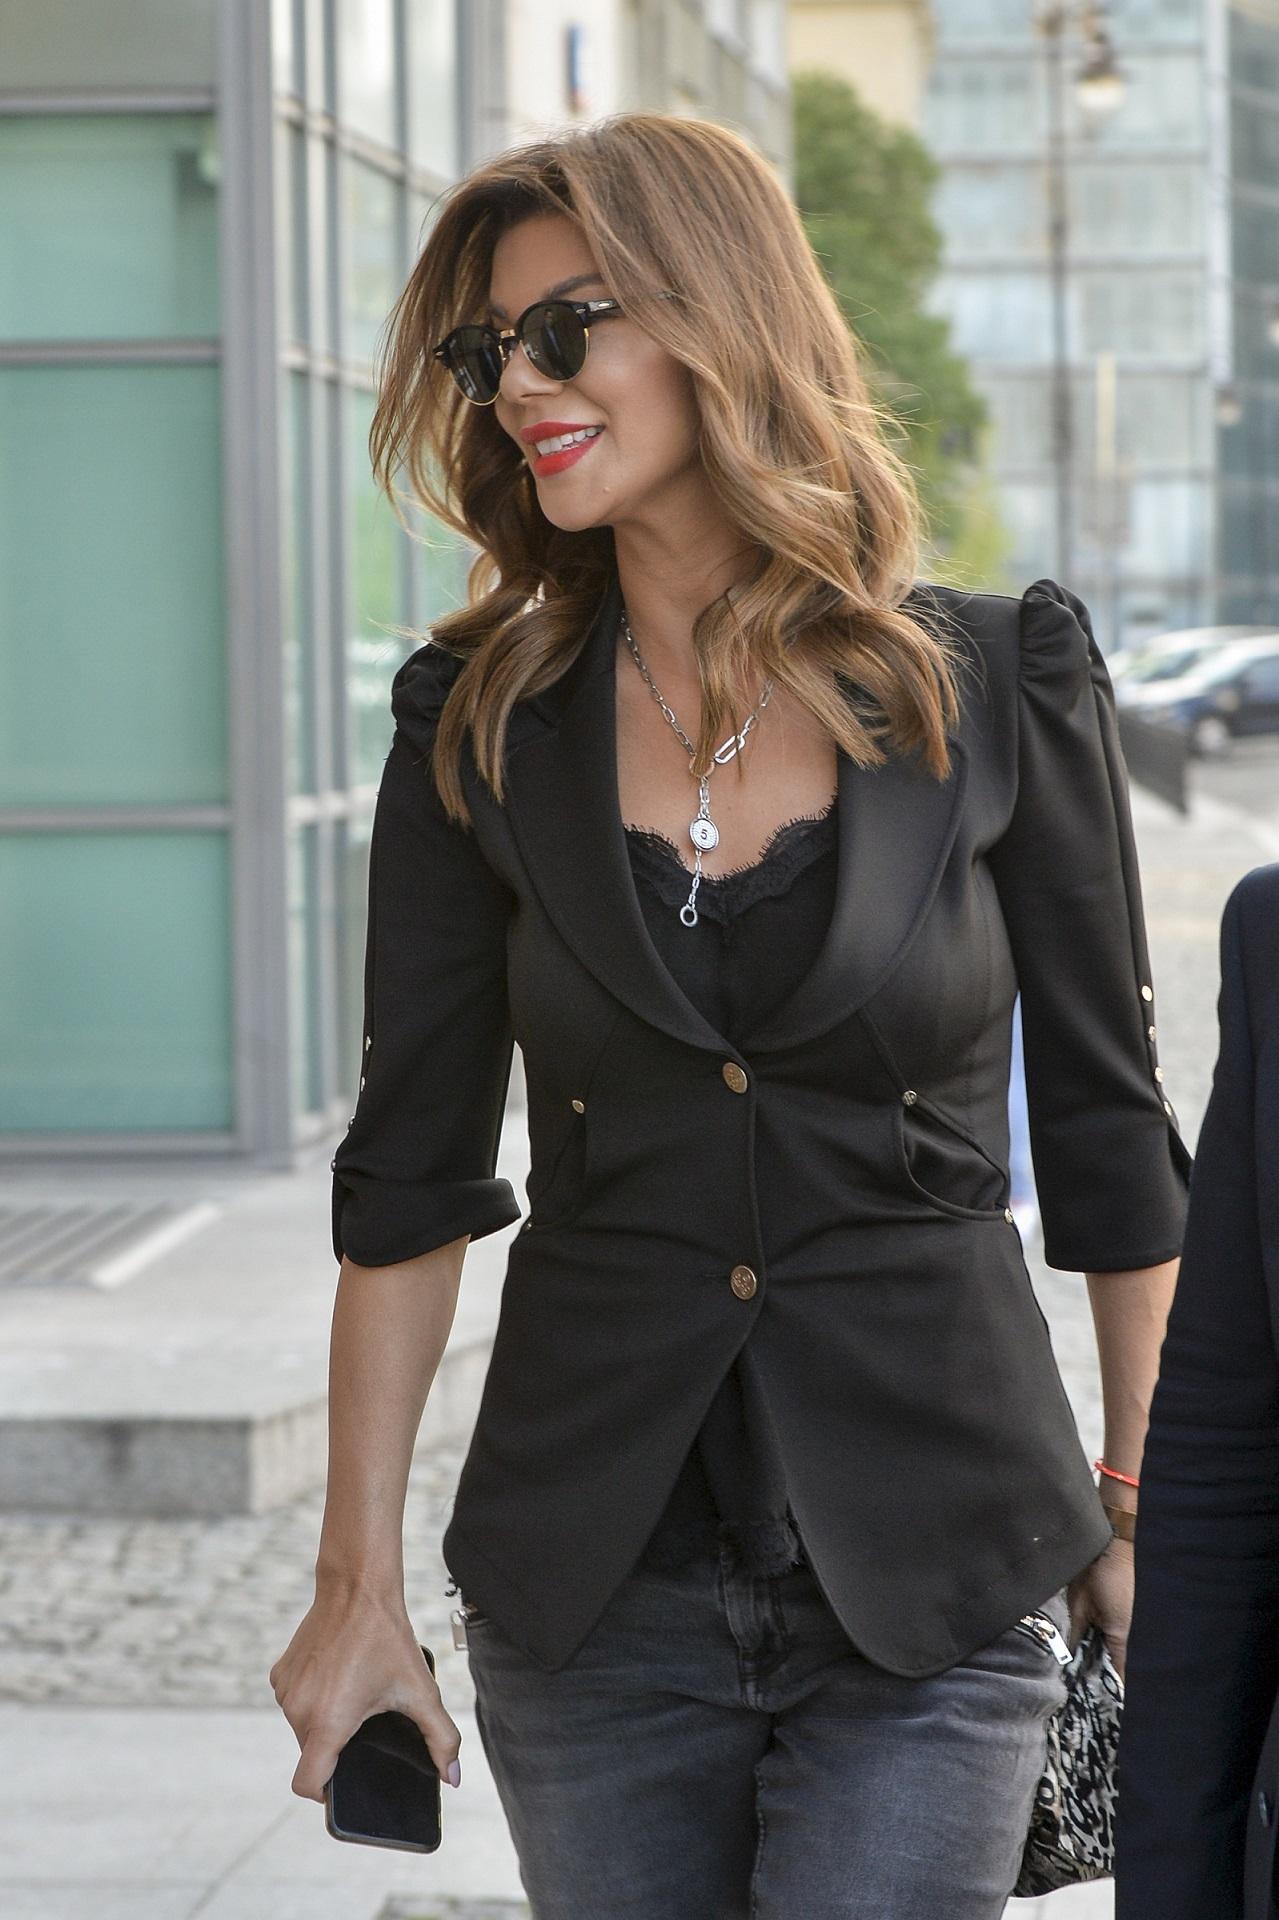 Elegancka Edyta Górniak wróciła do pracy w wielkim stylu - jej stylizacja wygląda rewelacyjnie.